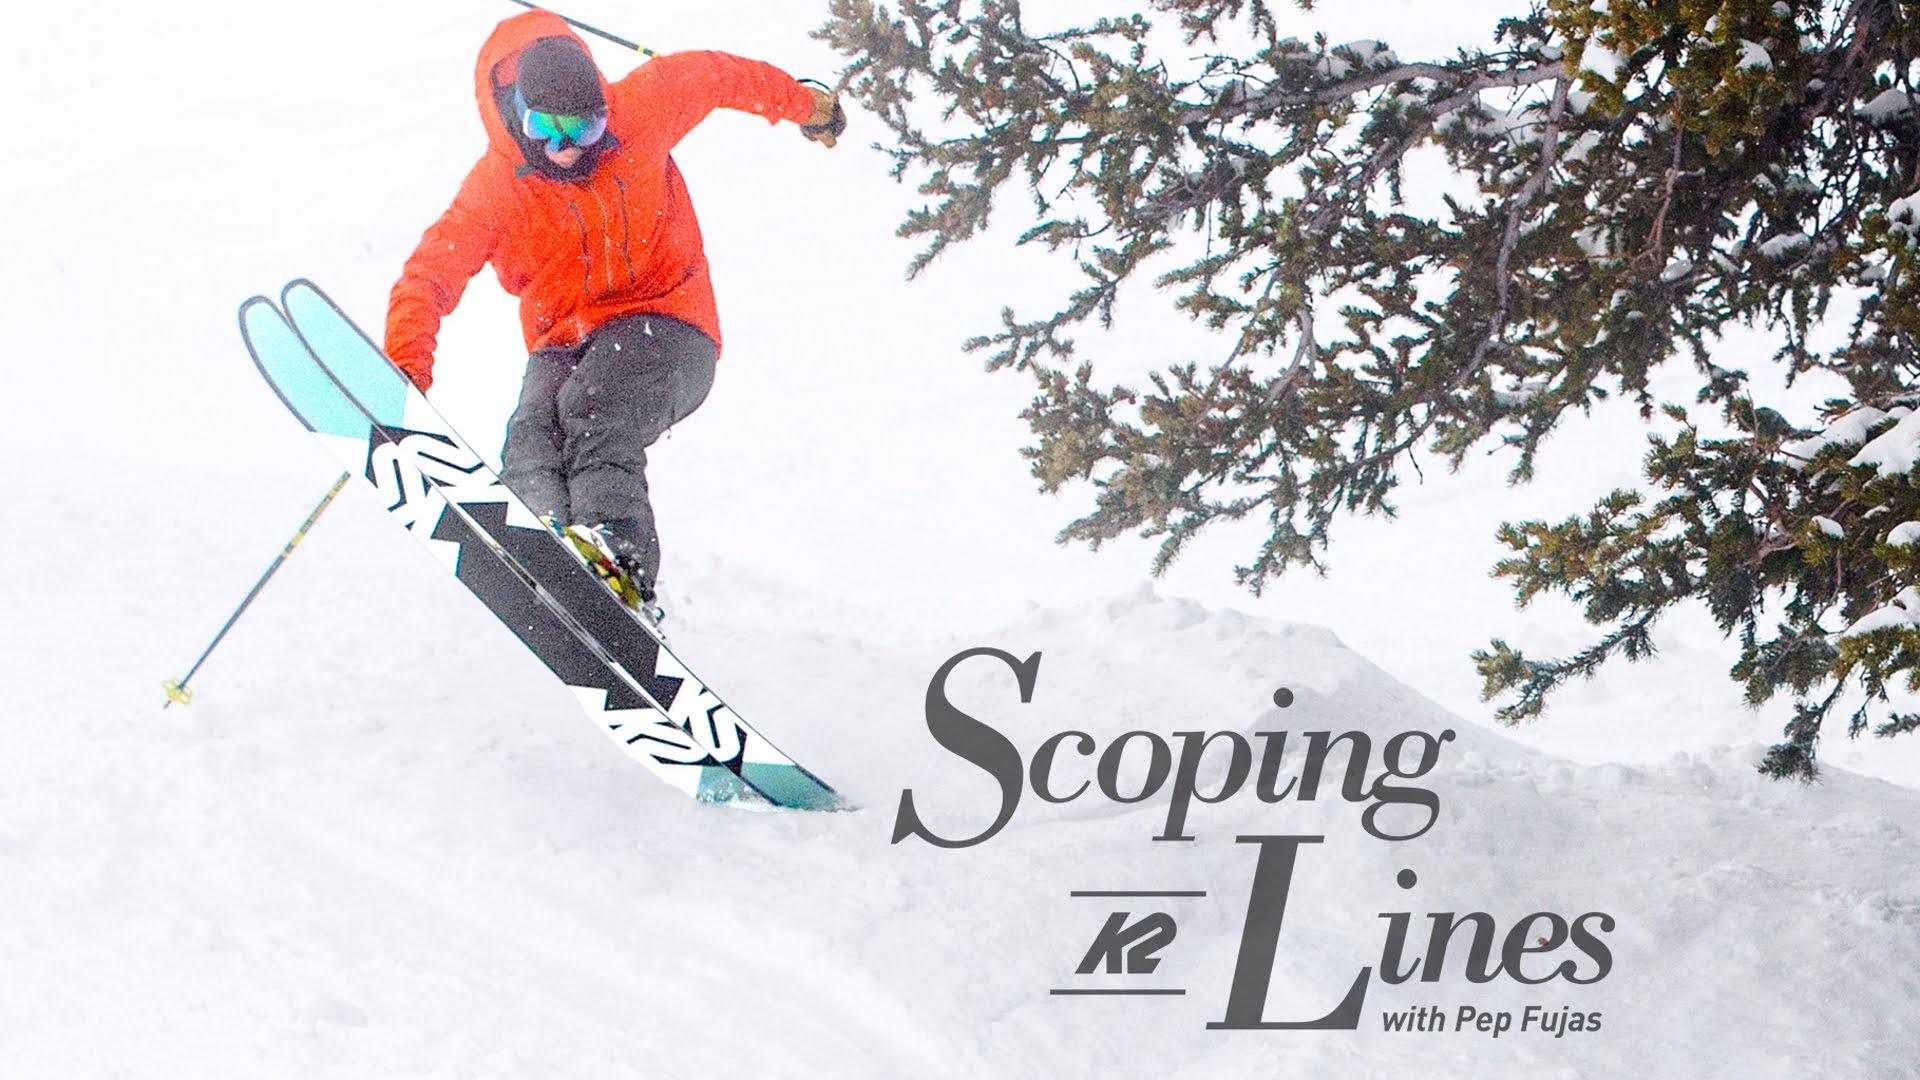 Scoping Lines—Pep Fujas und Sean Pettit